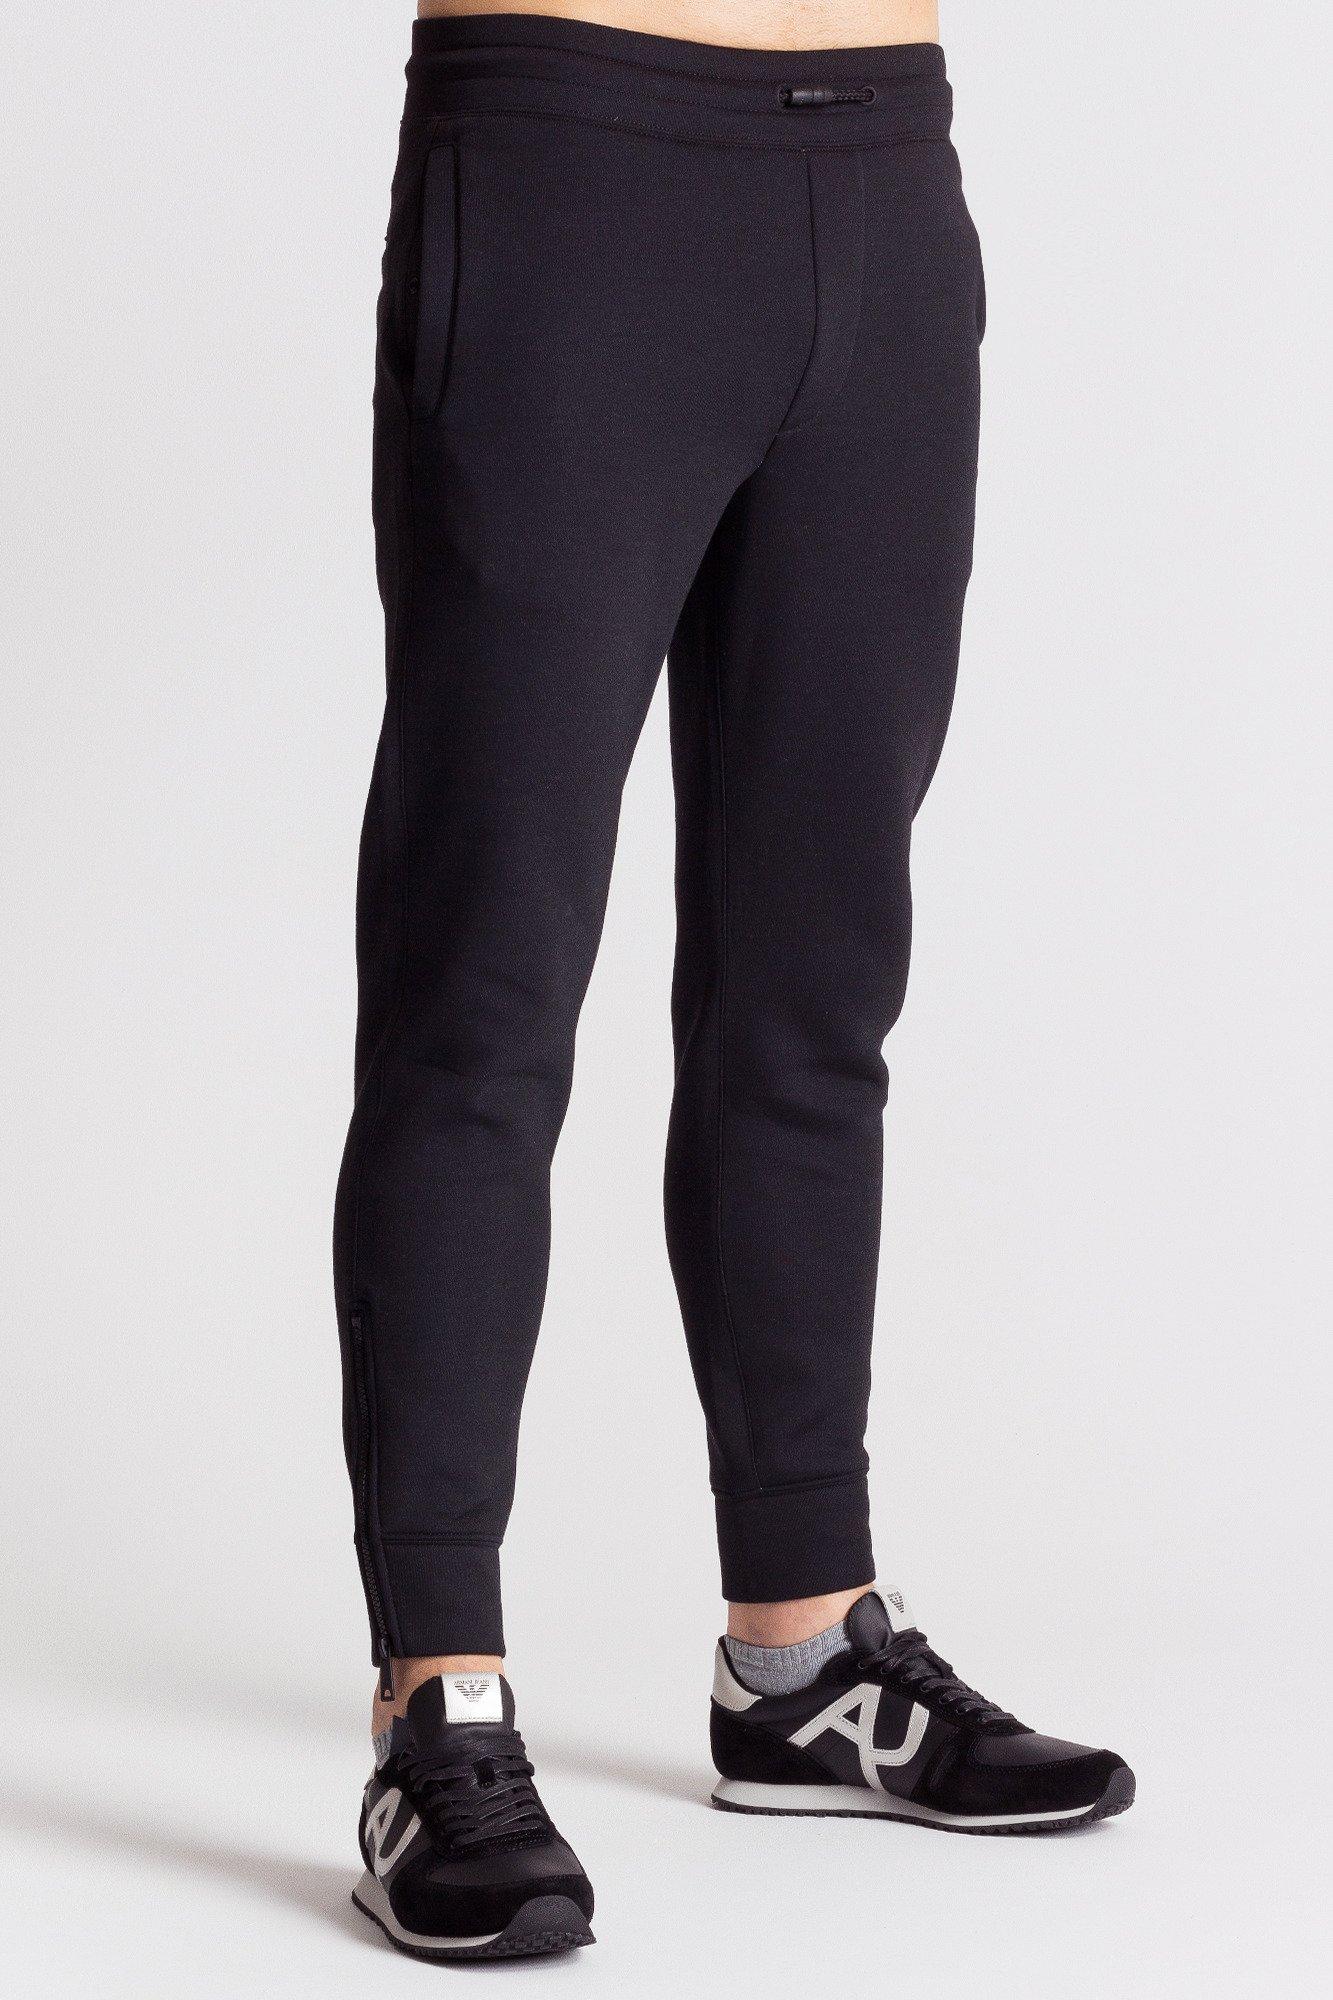 ... 06d7dee0119f Czarne męskie spodnie dresowe Markowa odzież w sklepie  Velpa.pl 6aea34ade3d